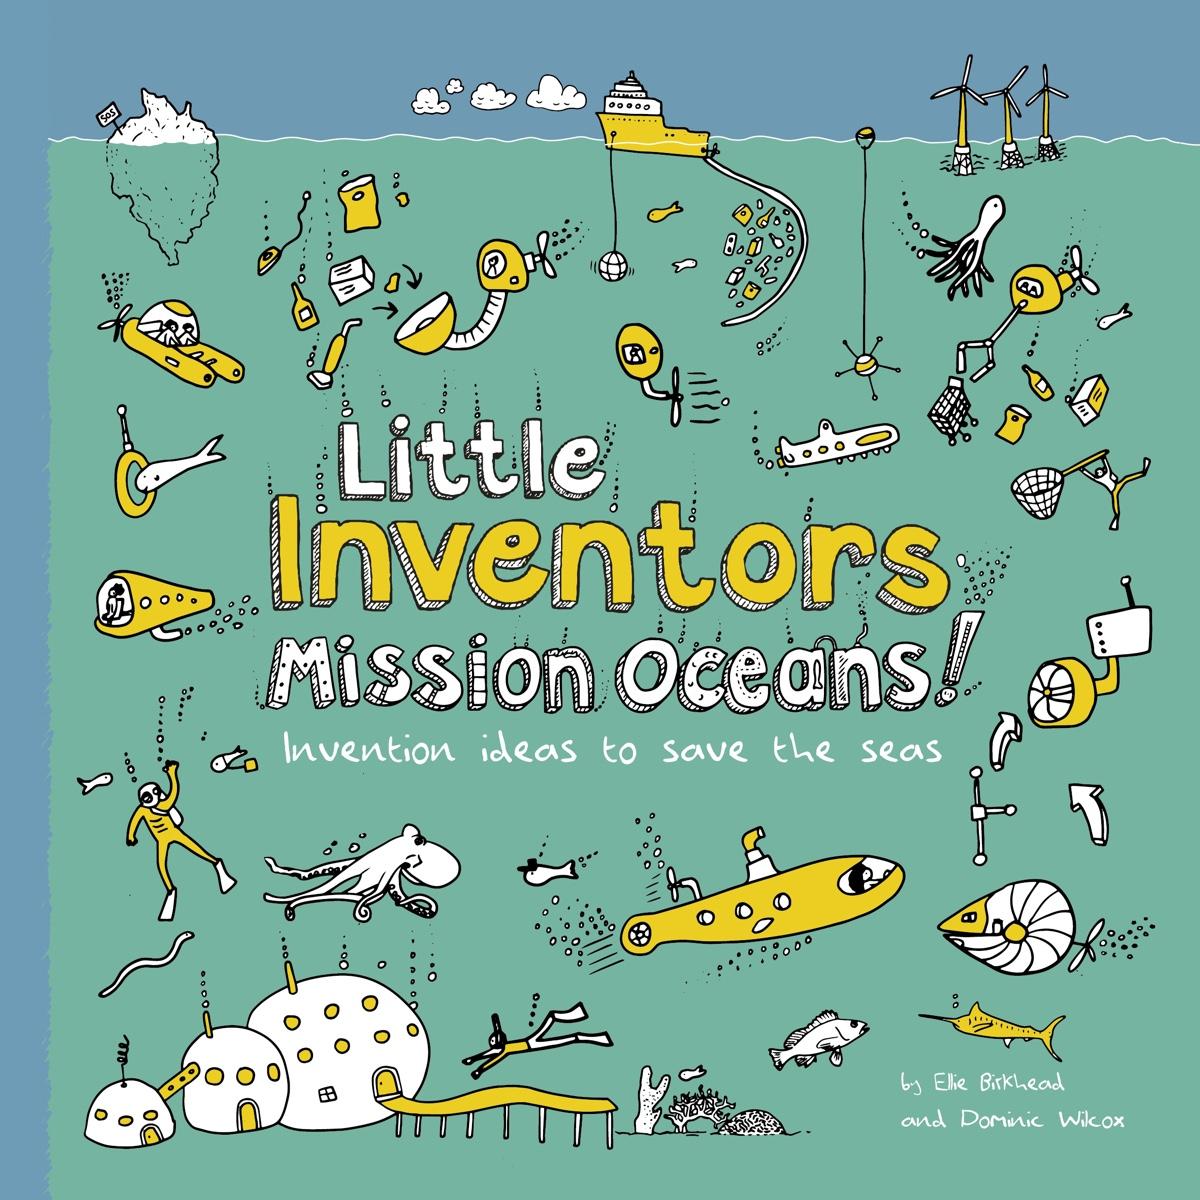 Little Inventors Mission Oceans